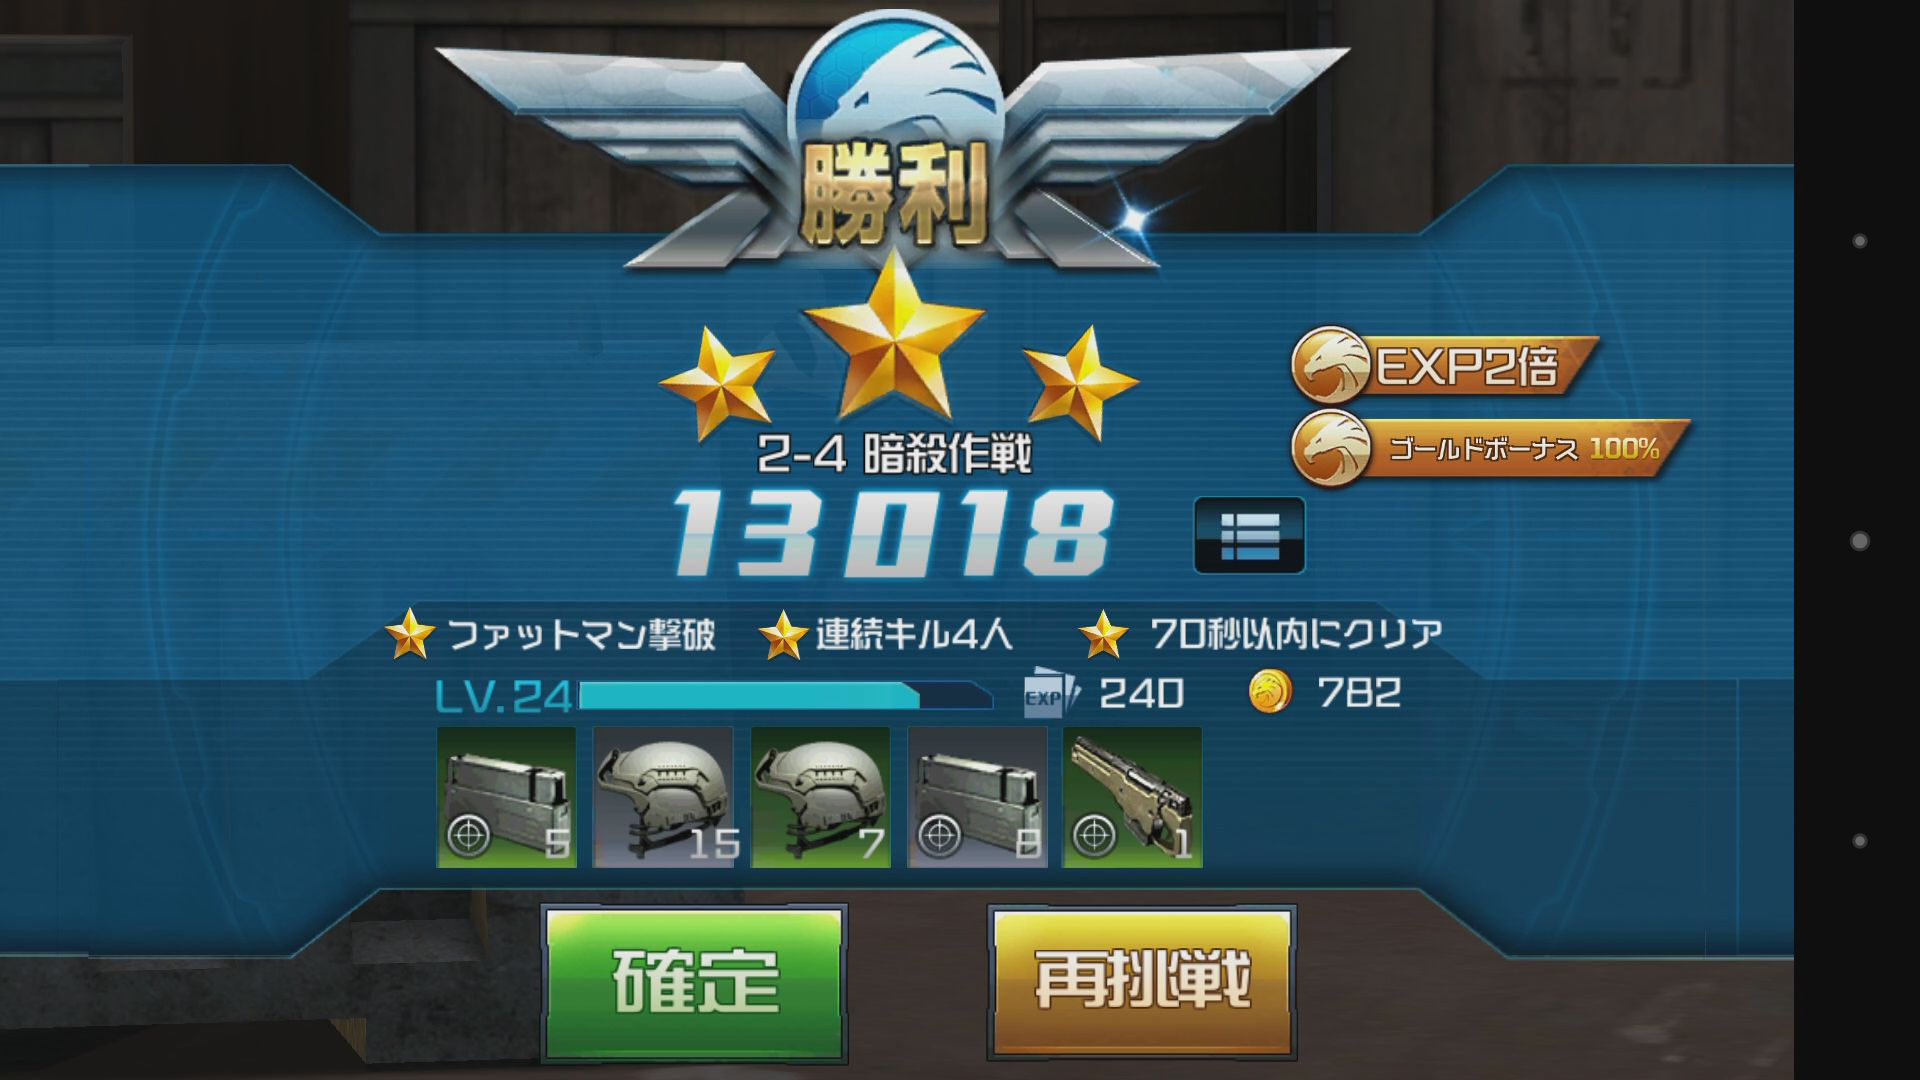 HIDE AND FIRE【ステップアップガイド】: クリアチケットがなくてもできる最速レベルアップ術